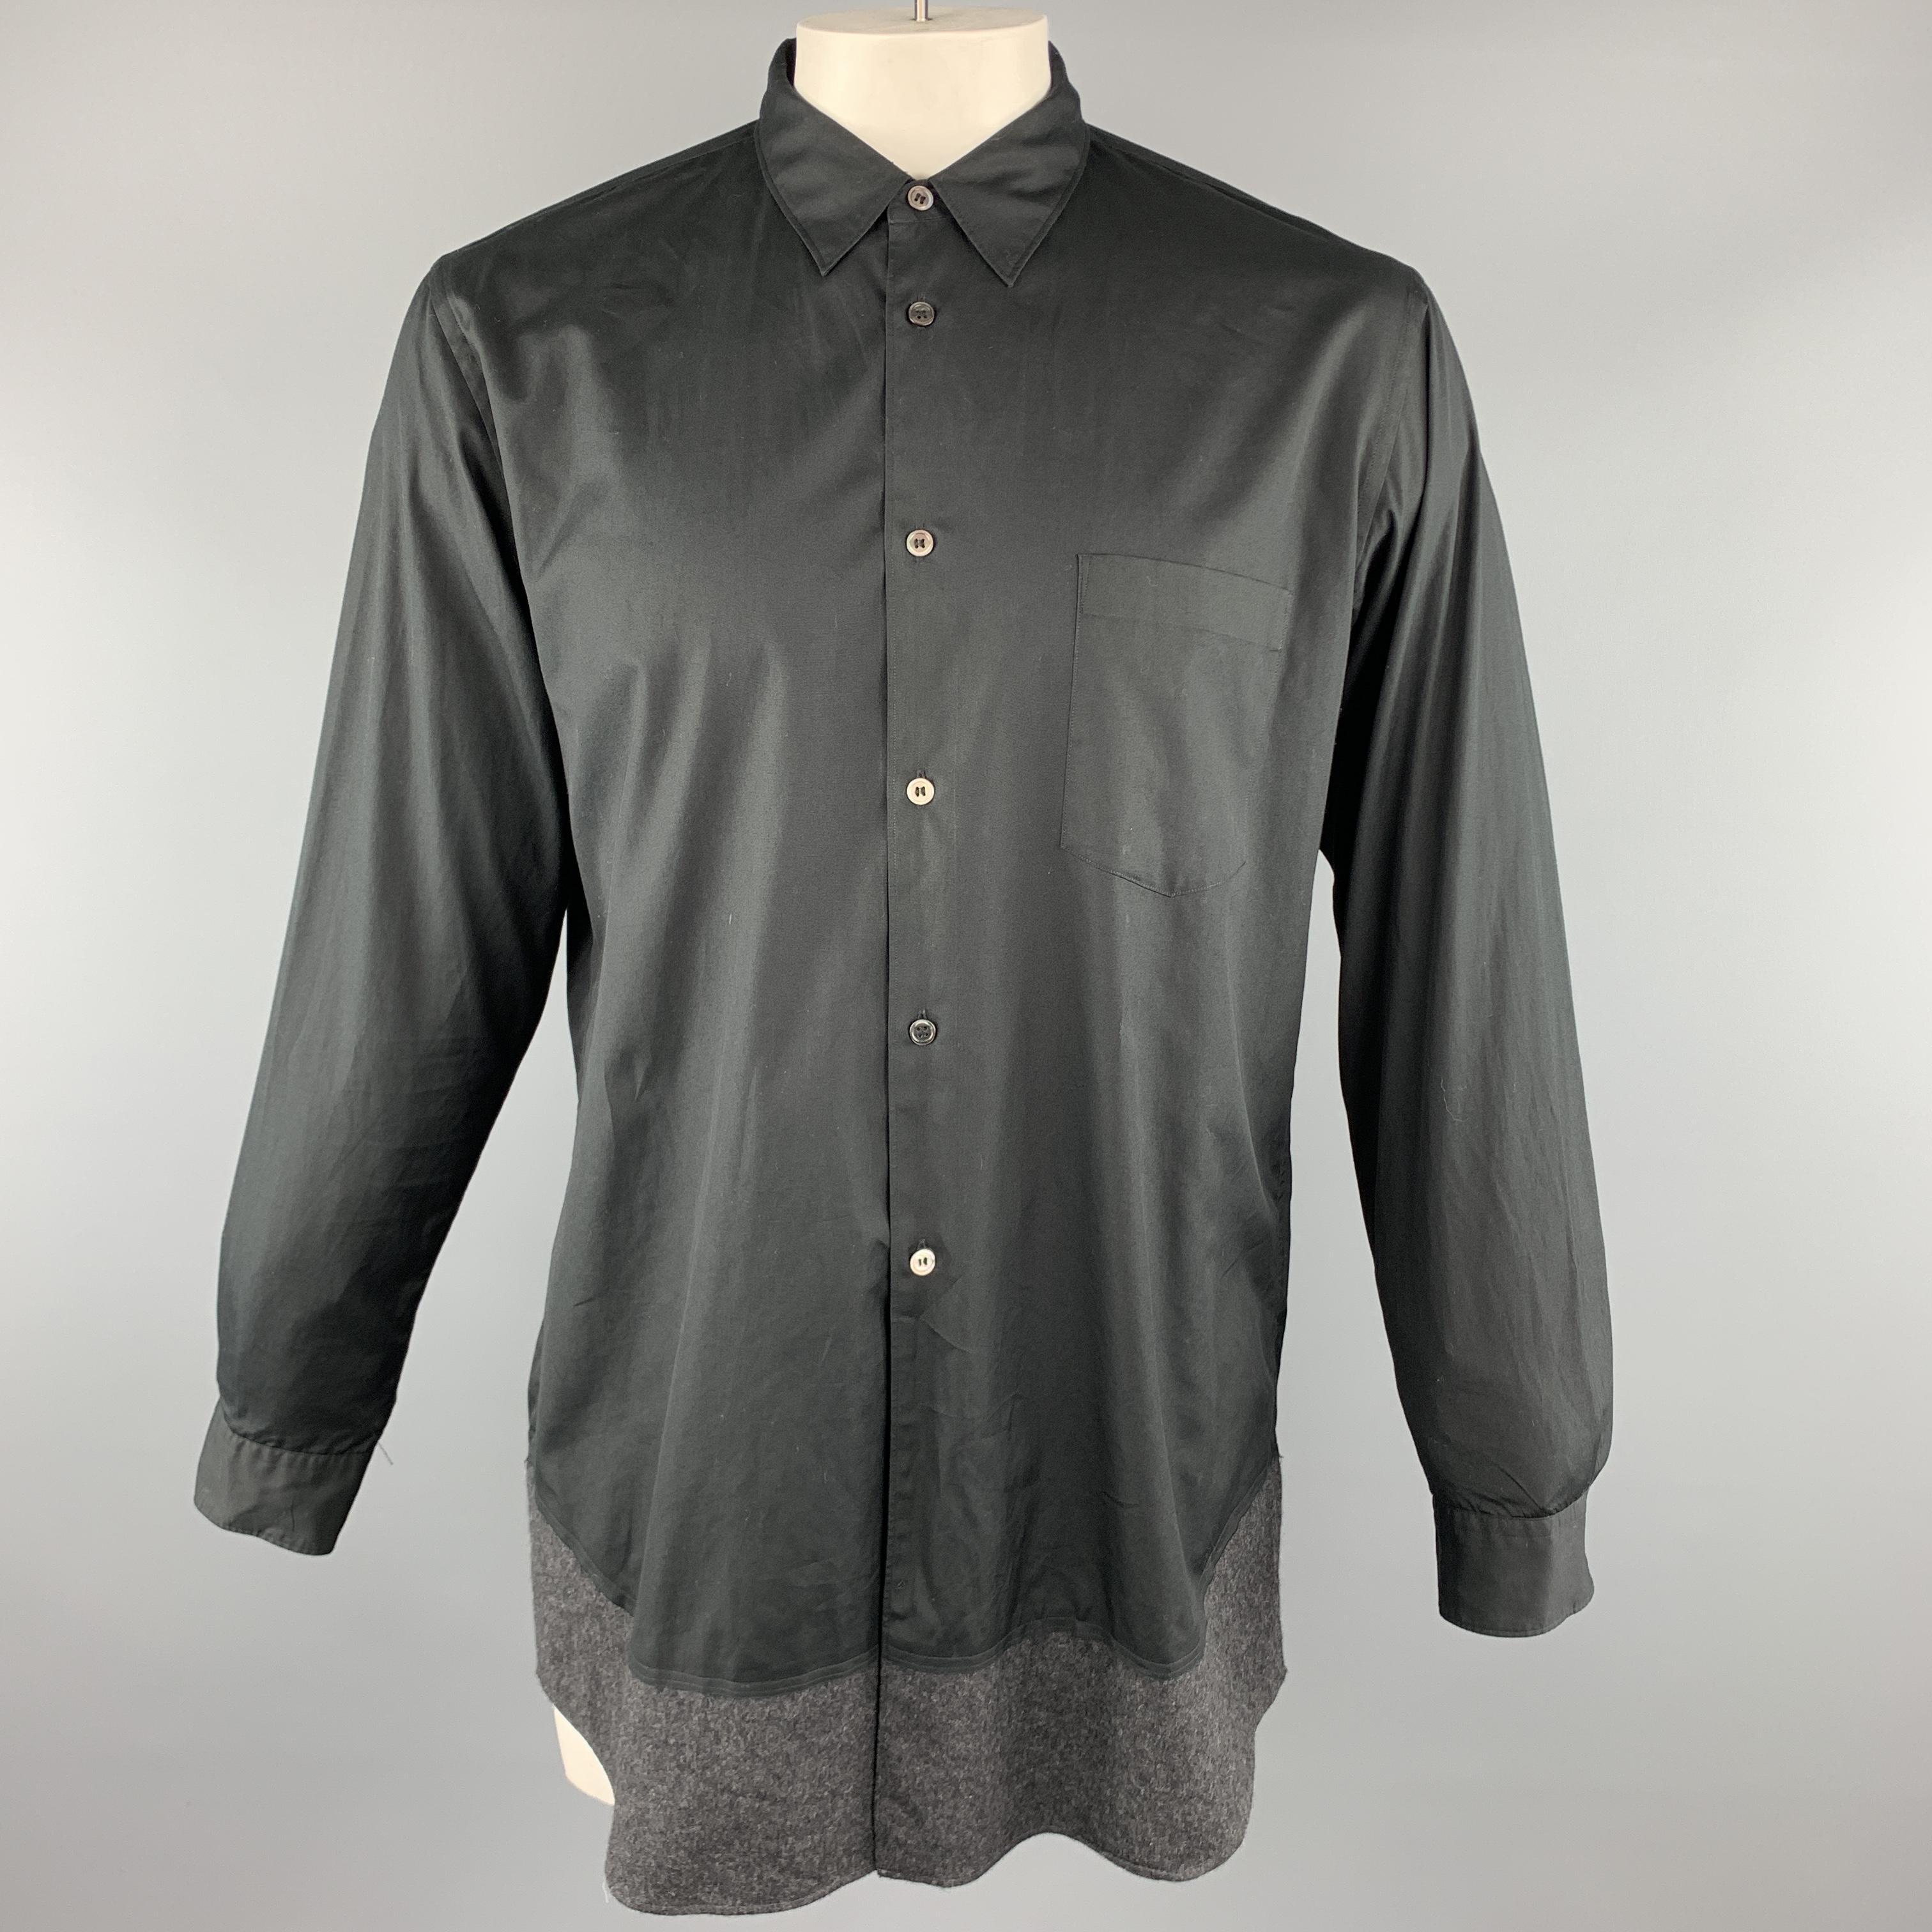 the best attitude 66e72 bf1f0 Details zu Comme des Garcons Homme Plus Größe L Schwarz Baumwolle Geknöpft  Langärmelig Hemd